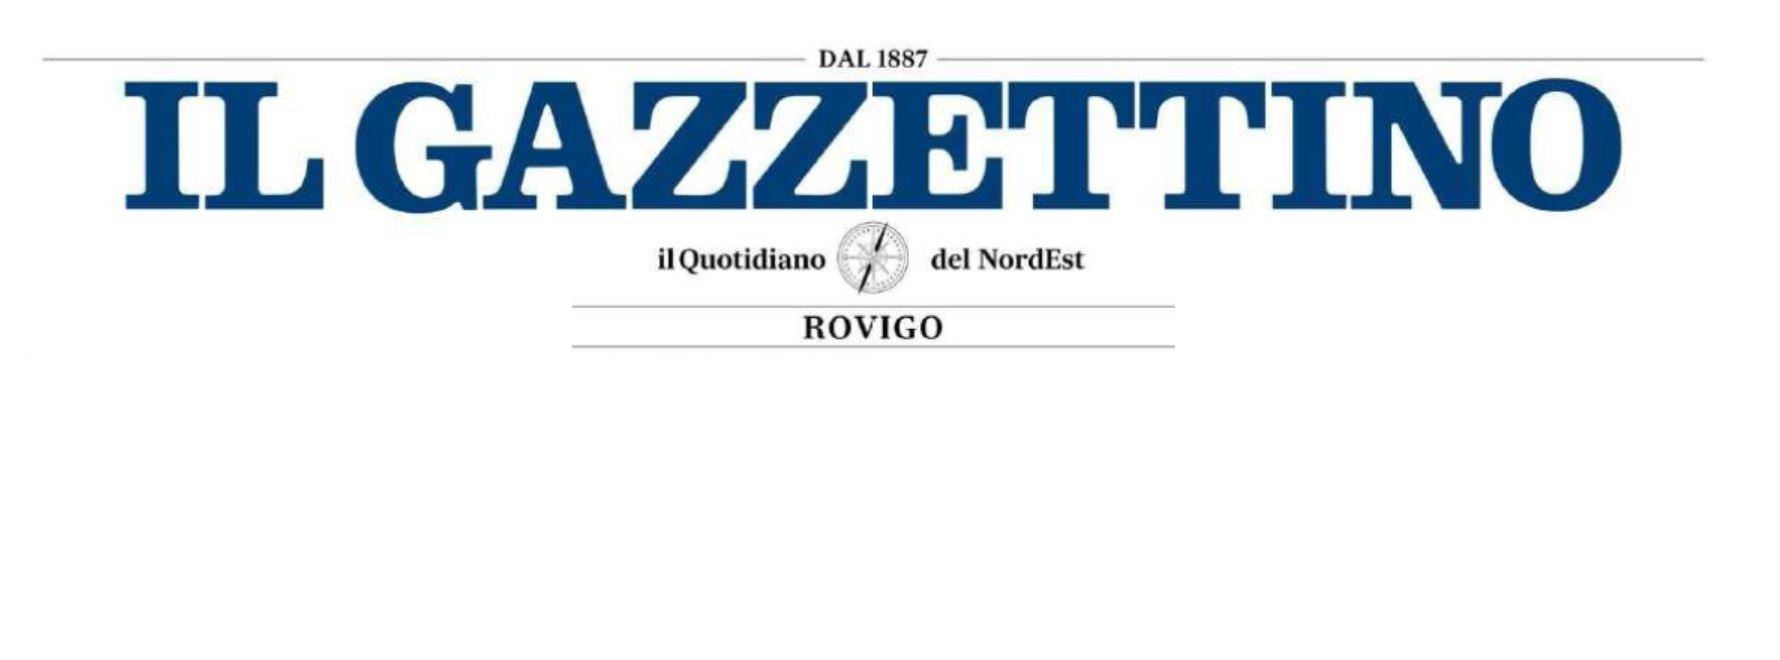 """E' stata rinviata la """"Settimana Serafiniana"""" – Il Gazzettino di Rovigo"""